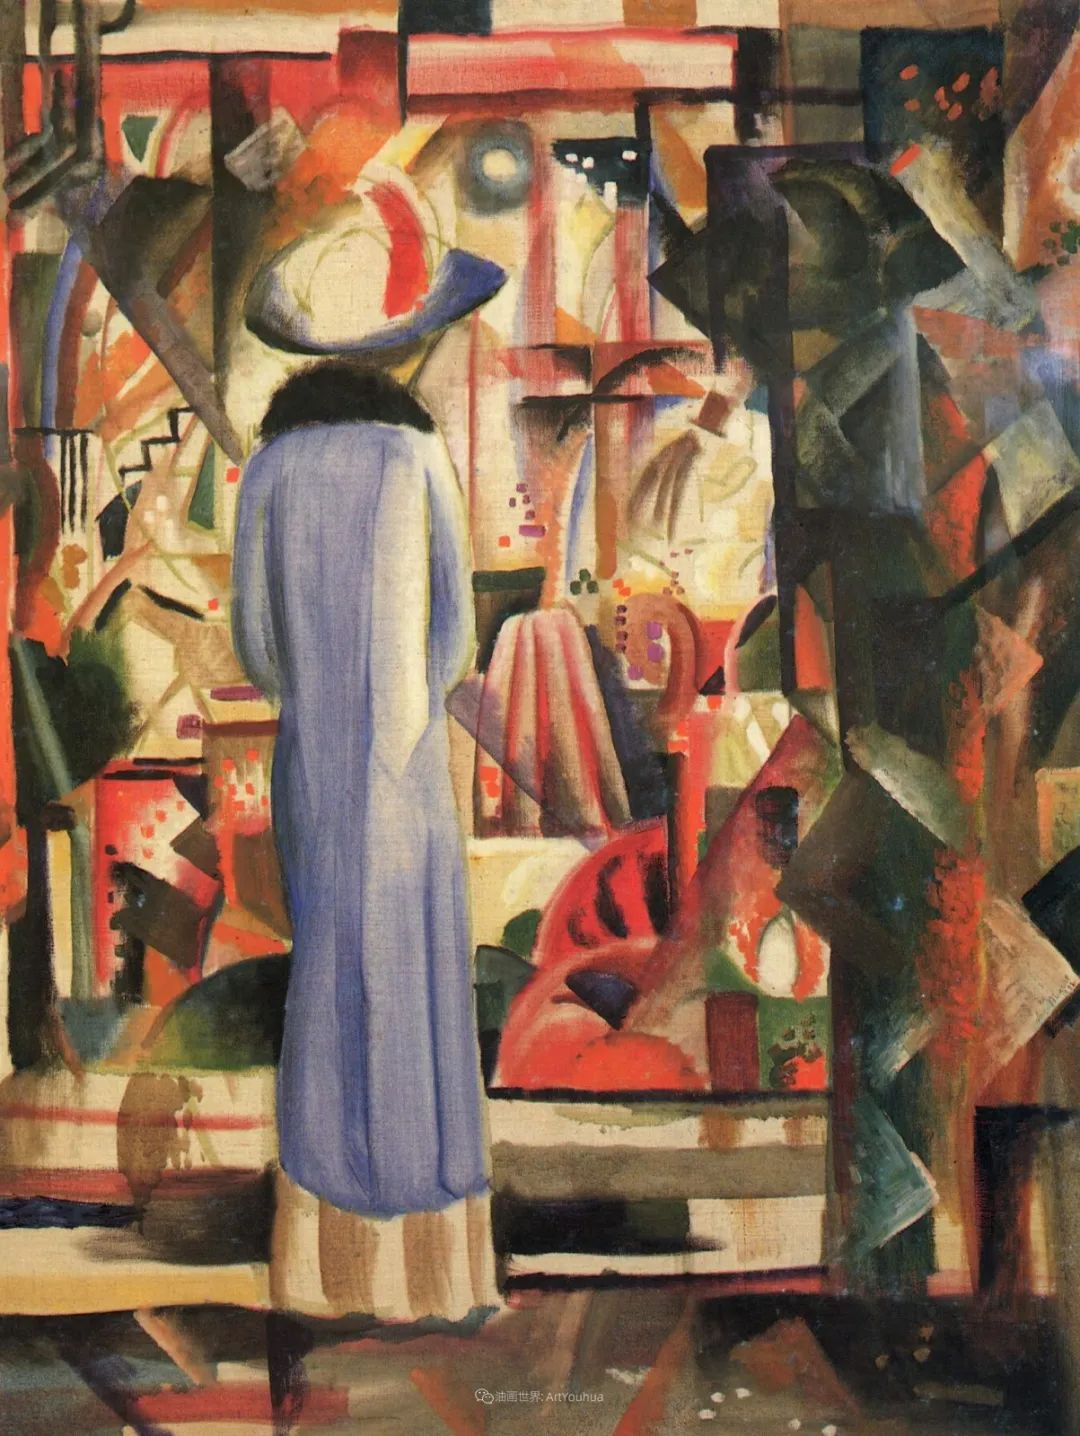 画面色彩的力量,德国表现主义画家奥古斯特·马克插图123